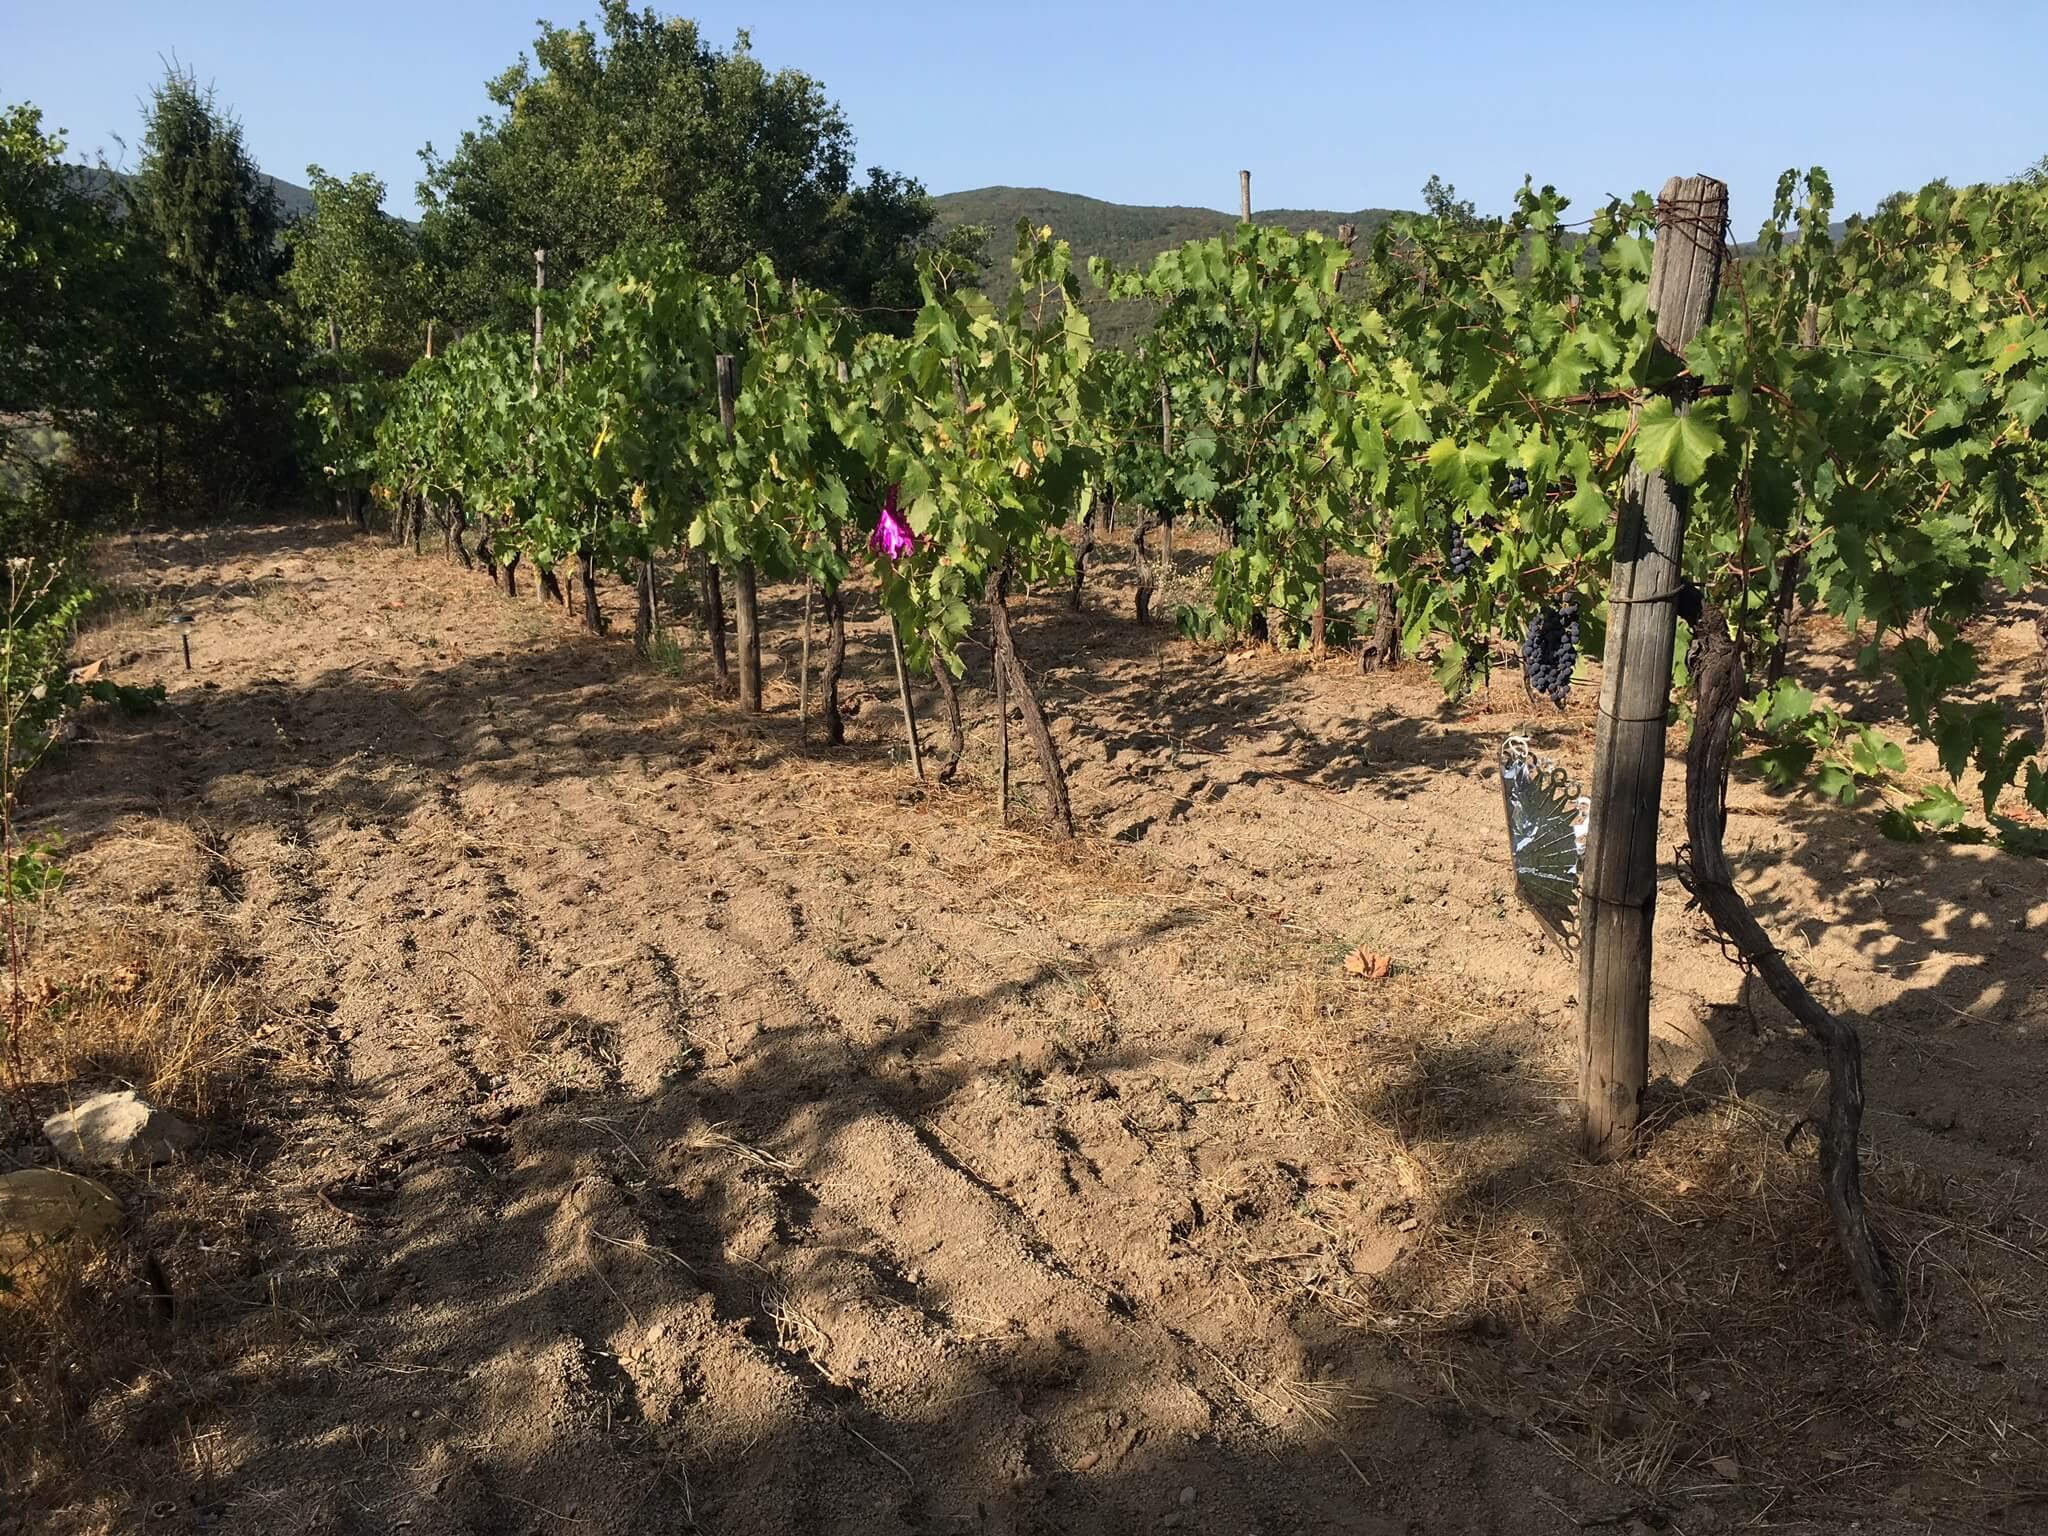 Villsvin spiser druer på vingården